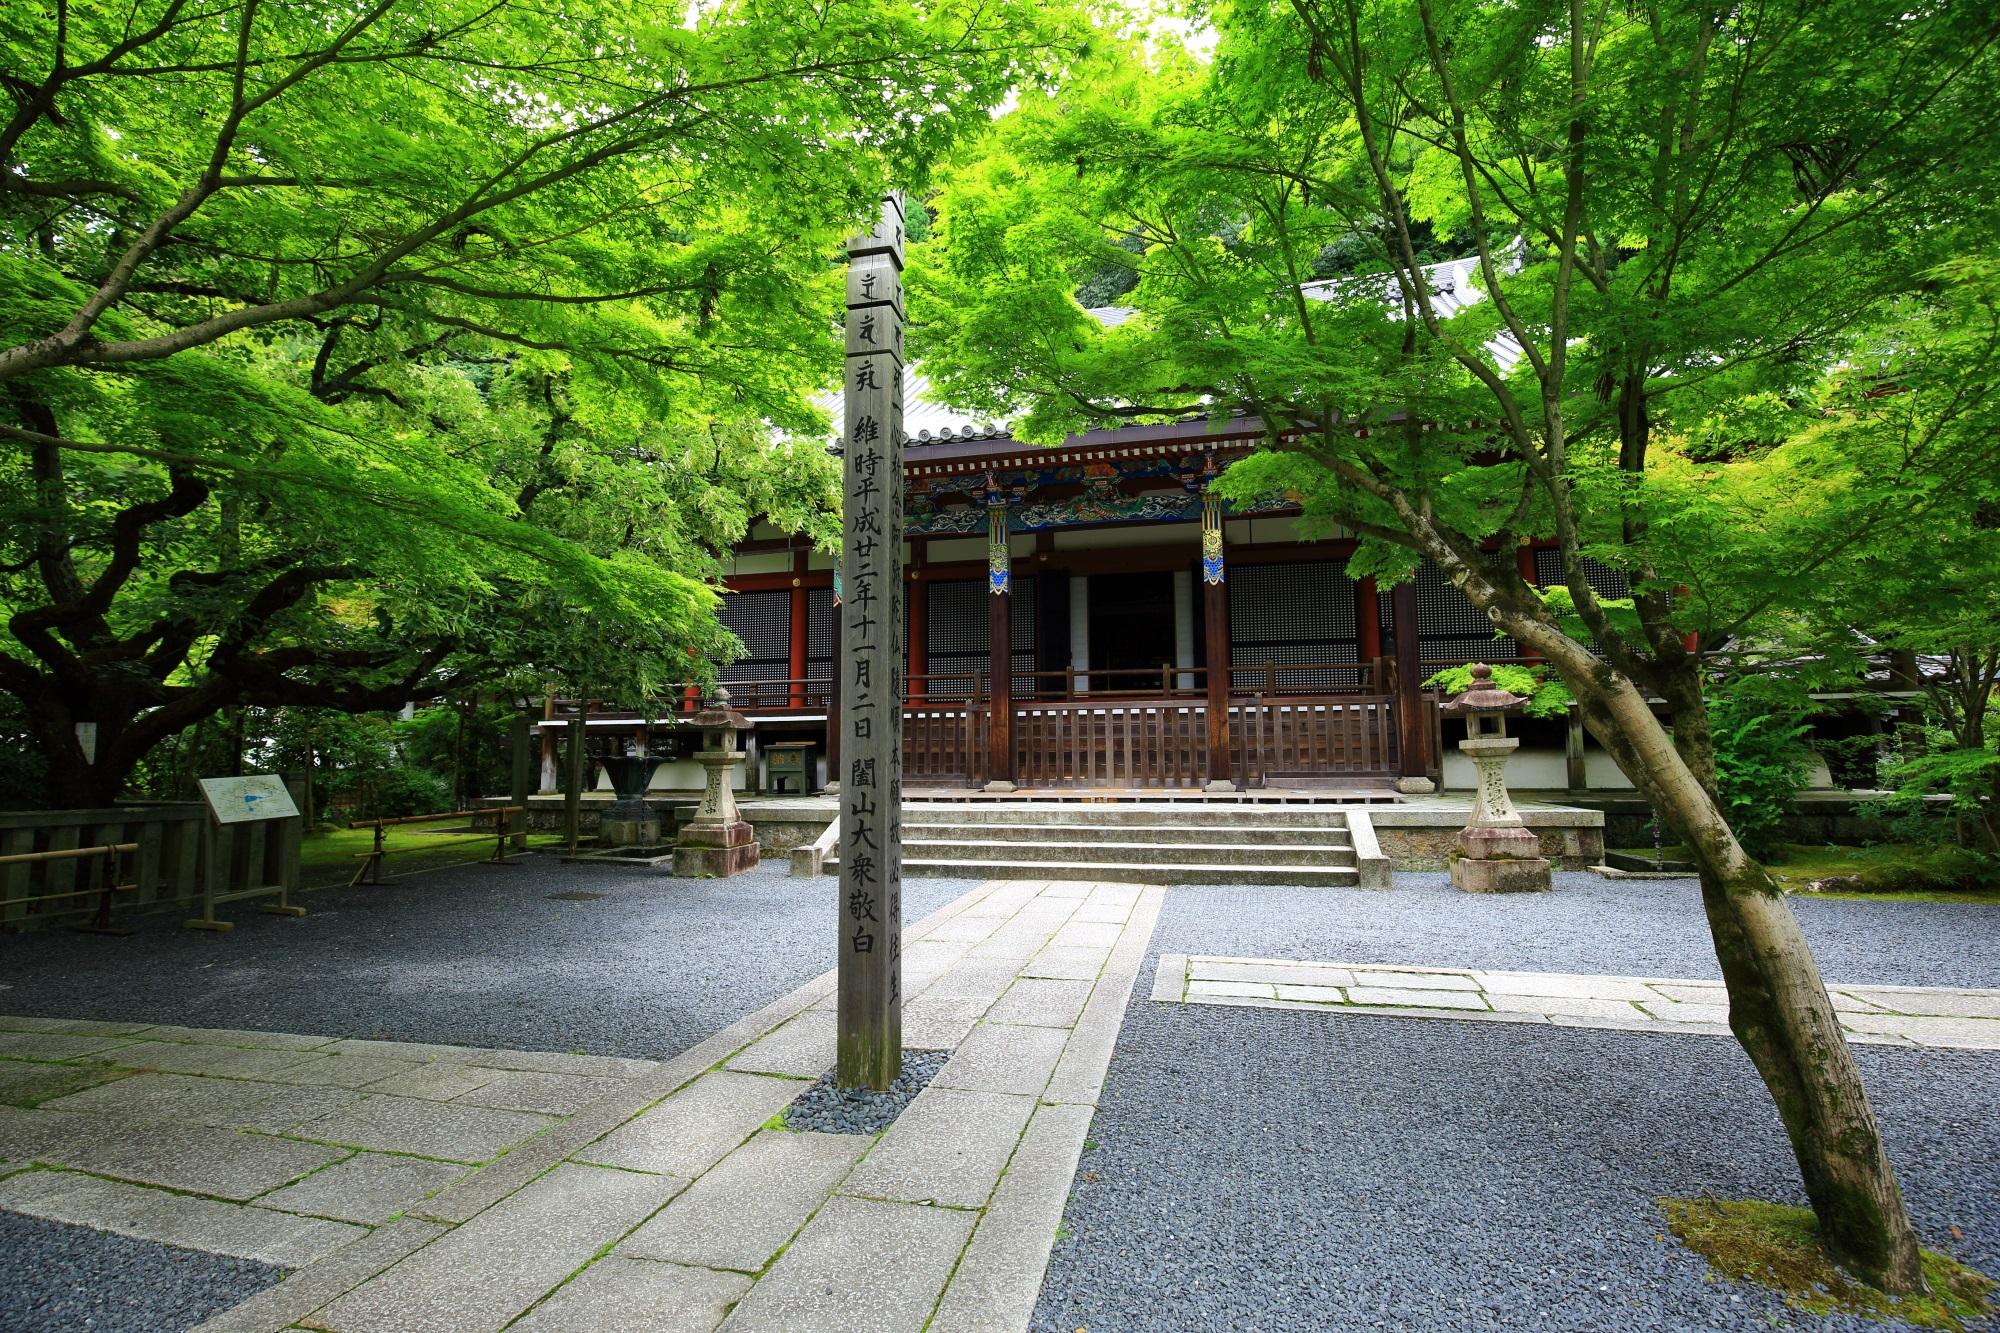 永観堂 青もみじと苔 極上の緑の世界と庭園